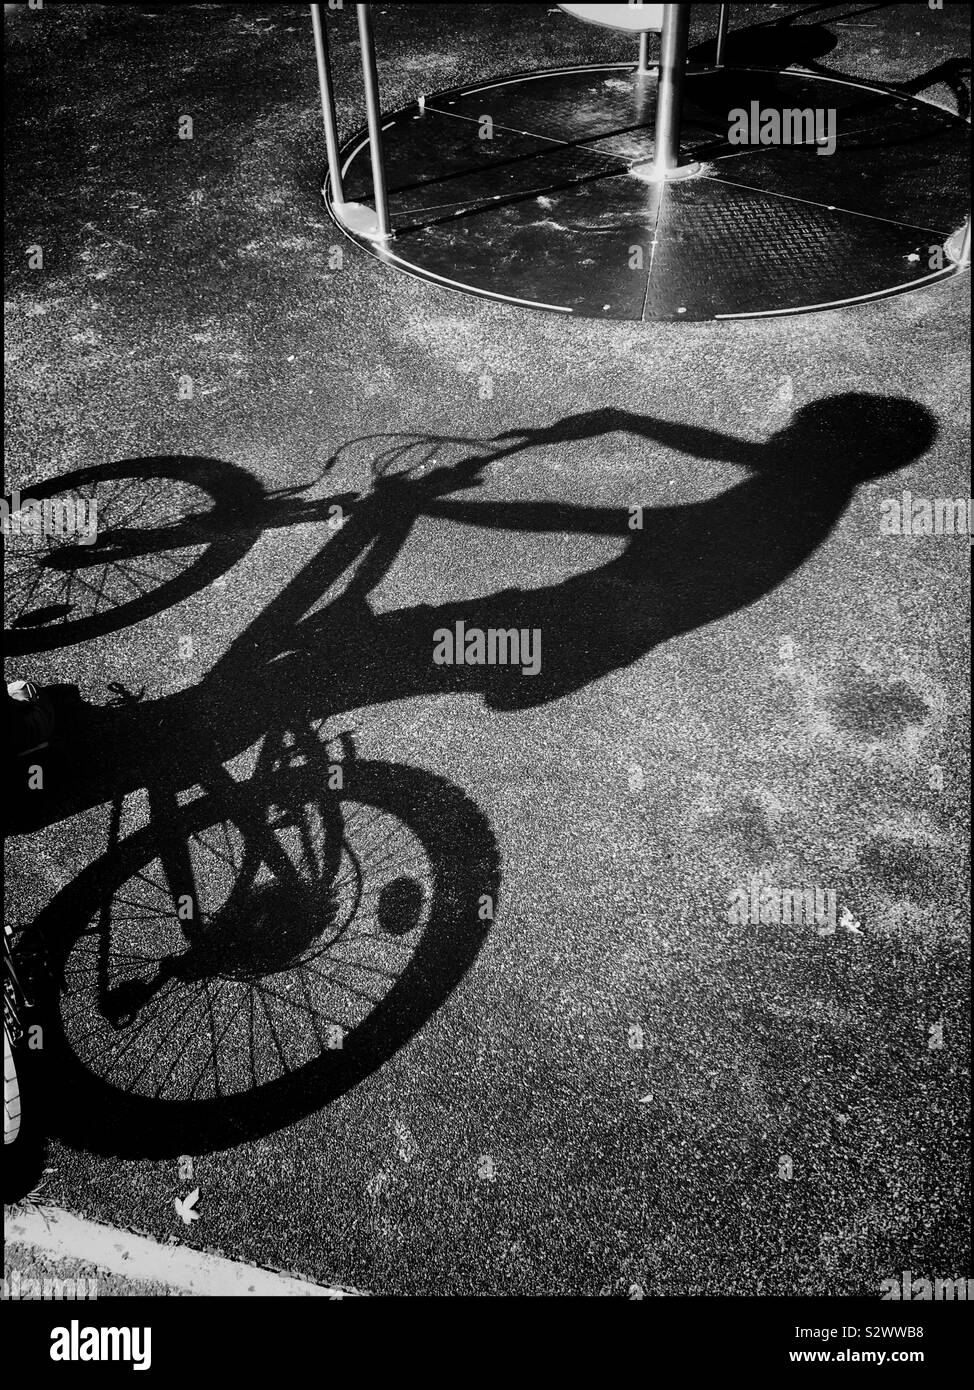 Der Schatten eines Jungen mit seinem Fahrrad auf einem Spielplatz. Die hellen Sonnenschein hat eine interessante Schatten auf dem Boden angelegt. Foto © COLIN HOSKINS. Stockfoto